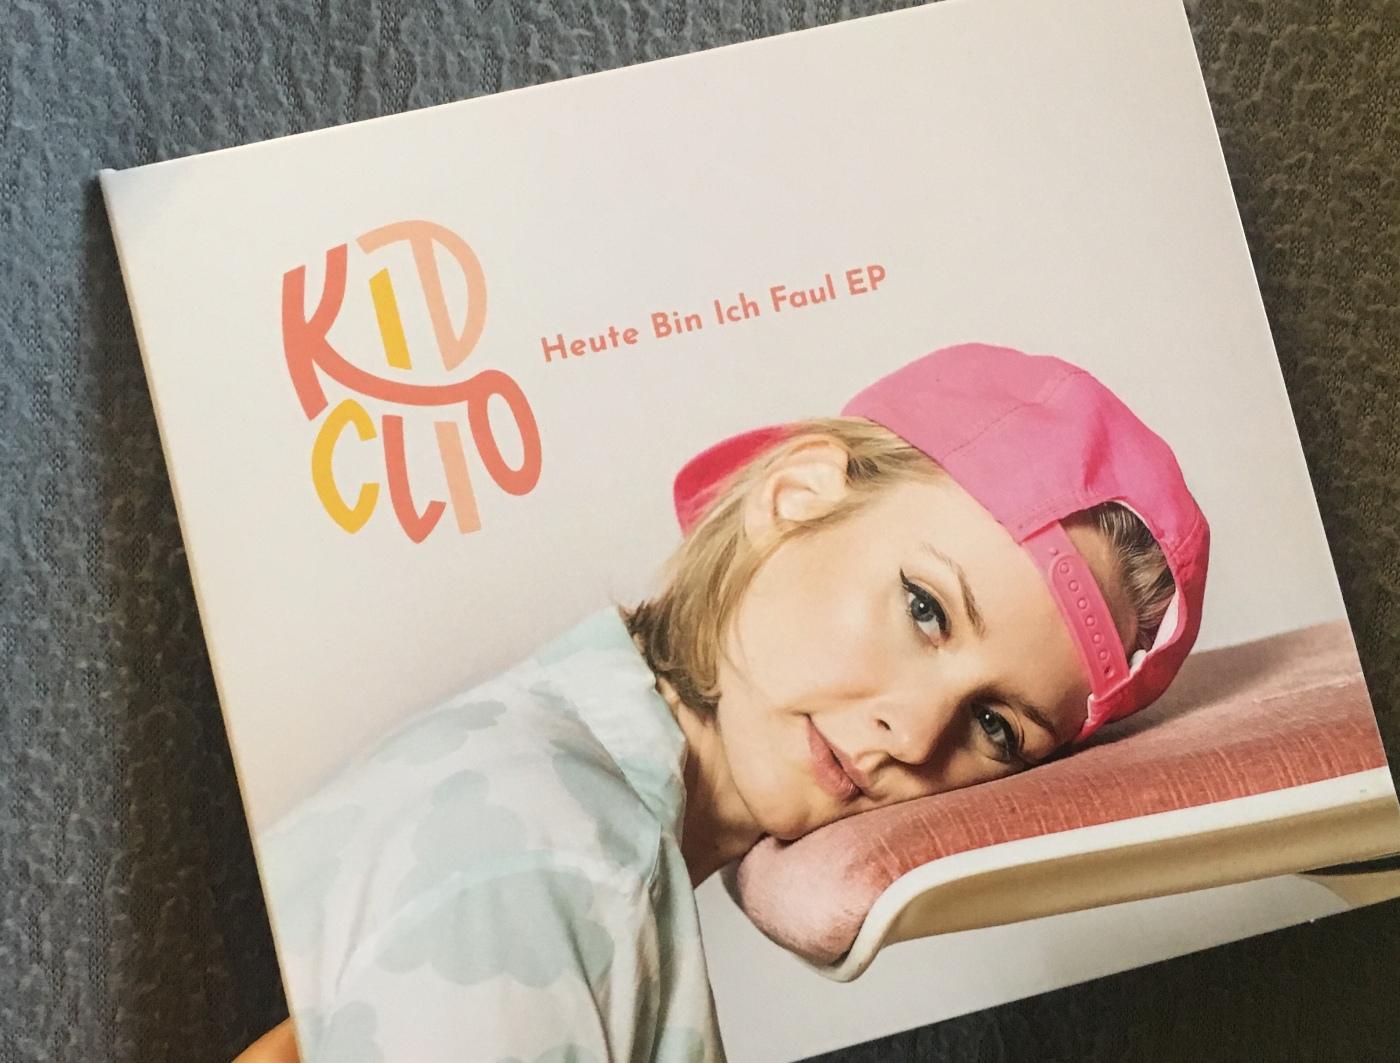 Kid Clio CD Cover